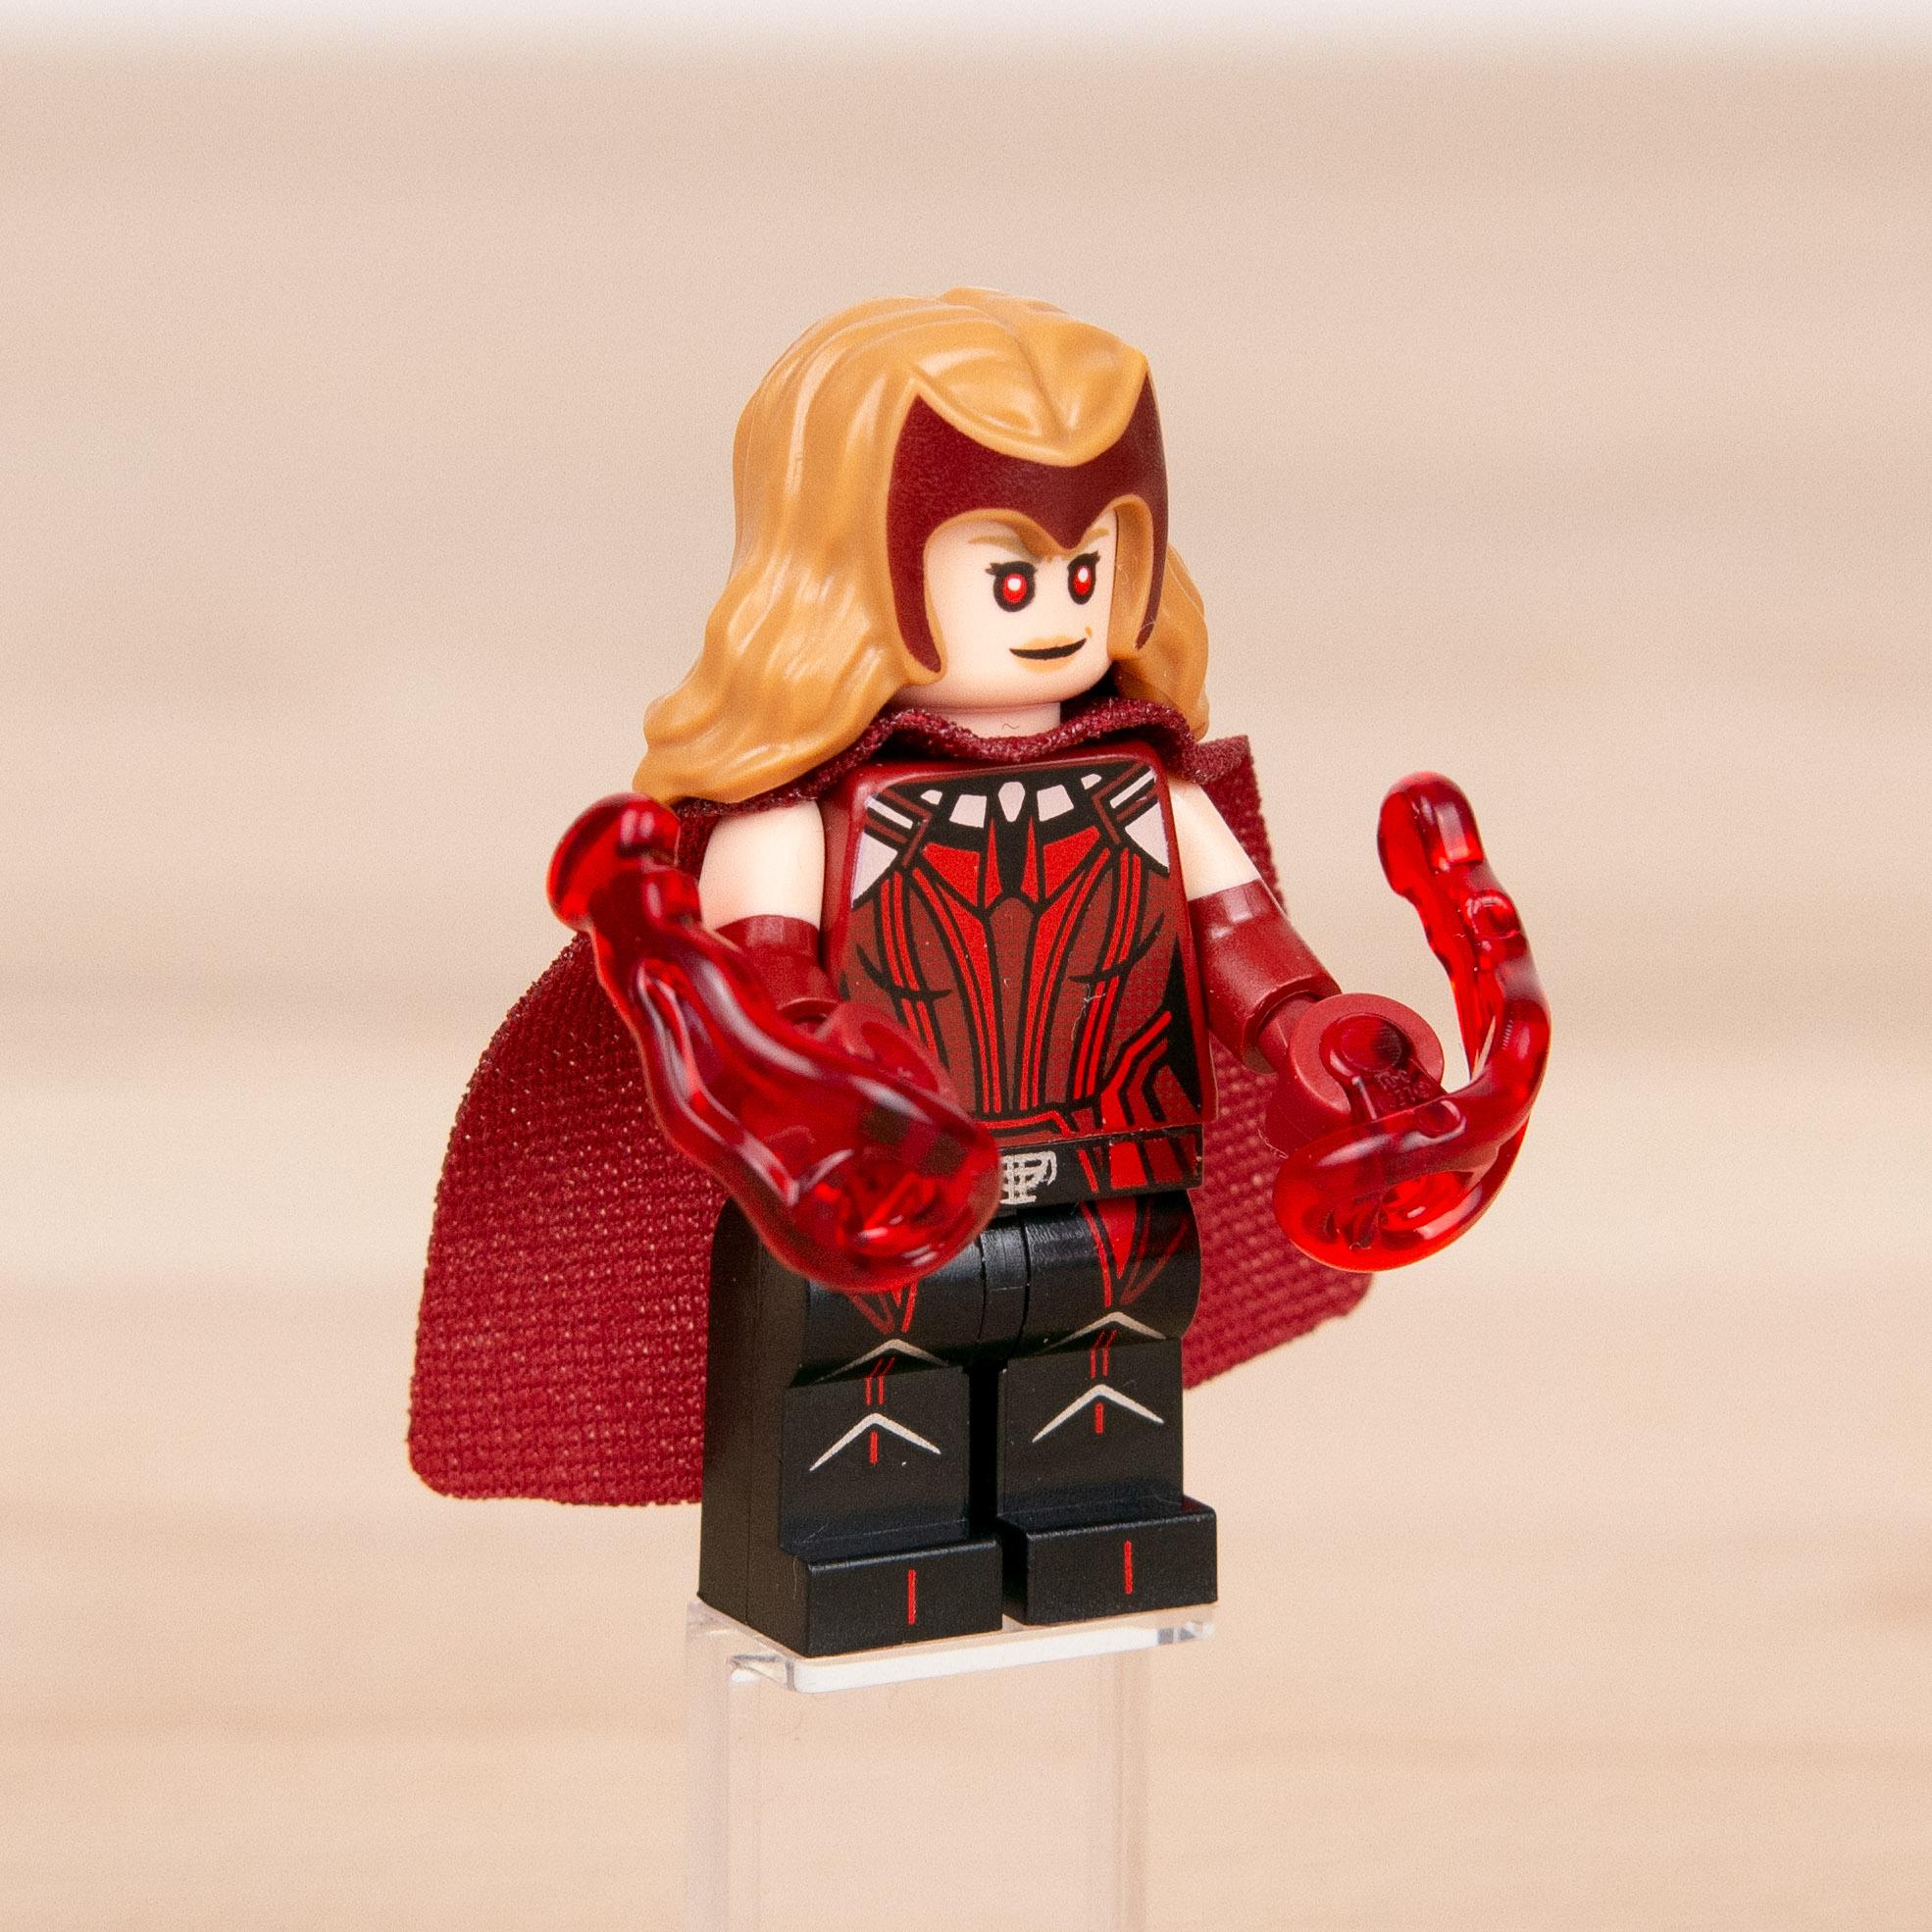 71031 Marvel Minifiguren Serie 3